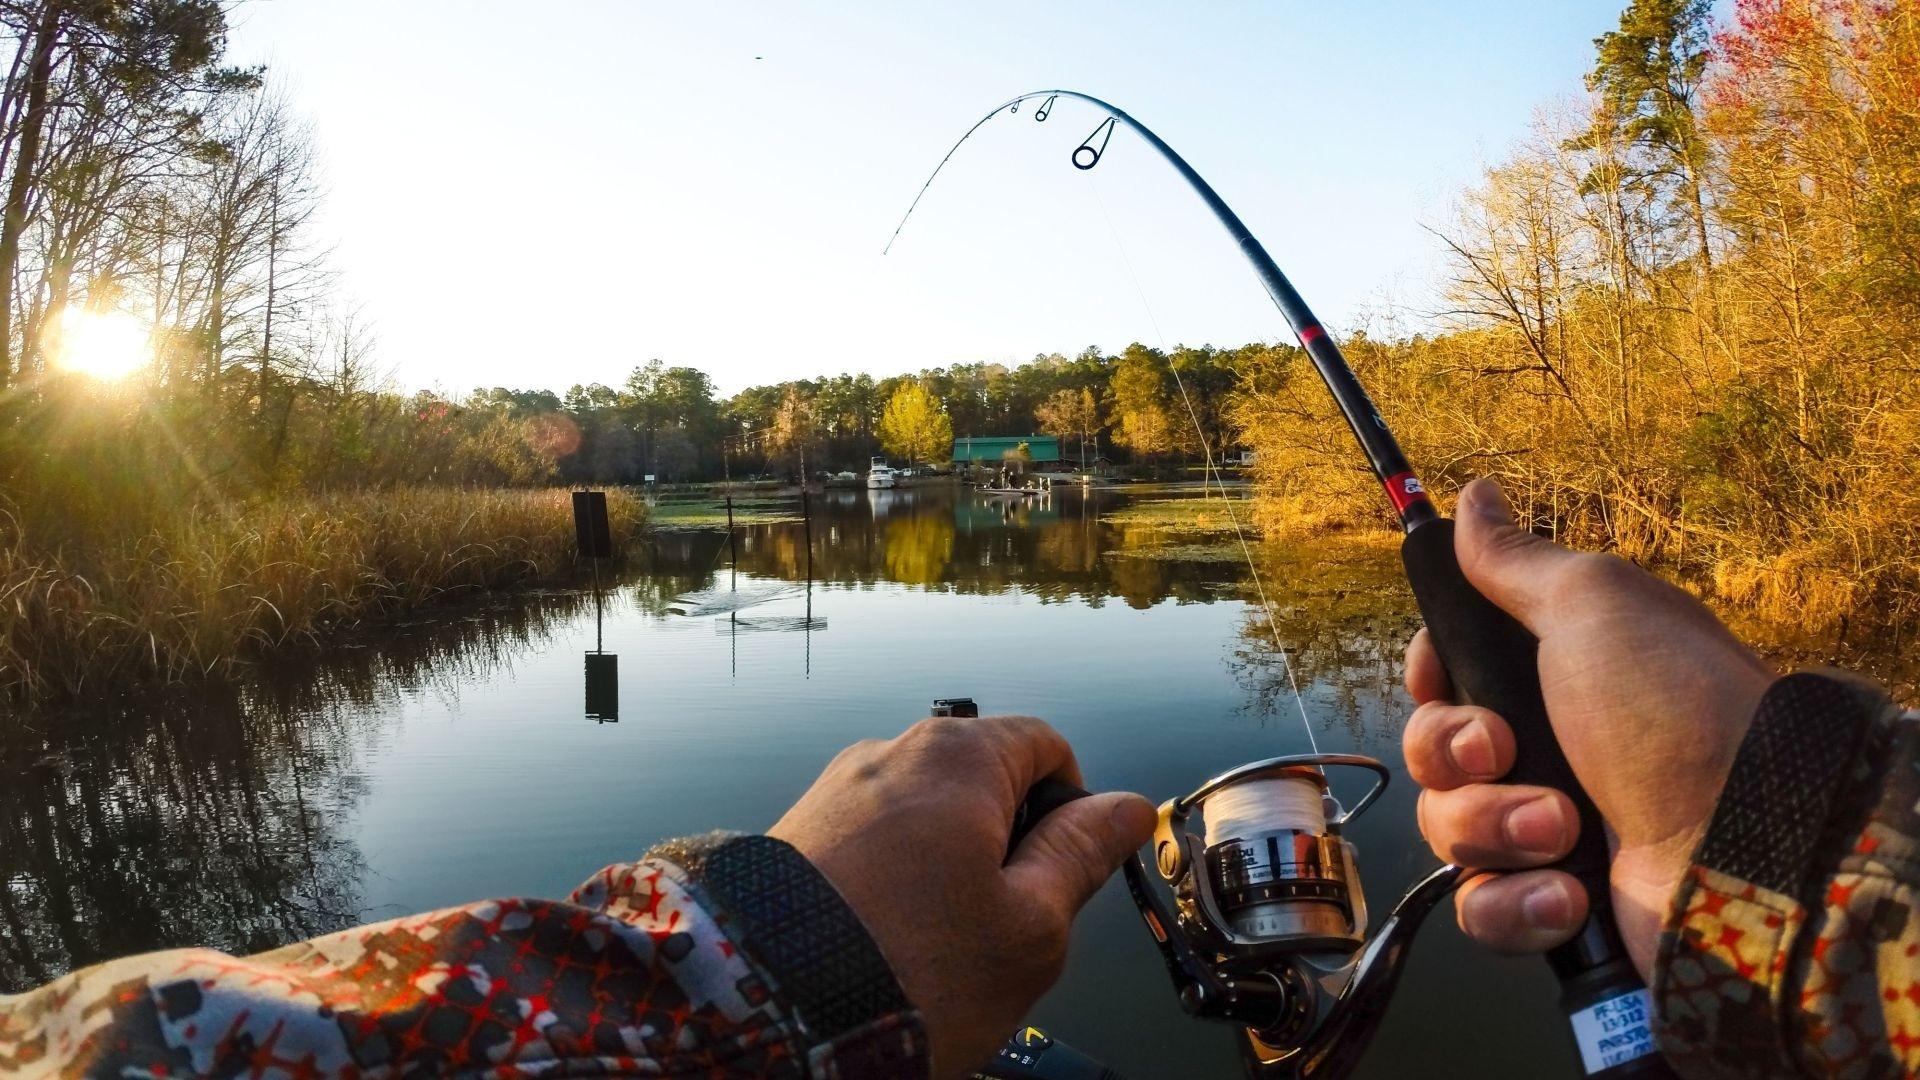 смотреть картинках дни рыбалки покупке